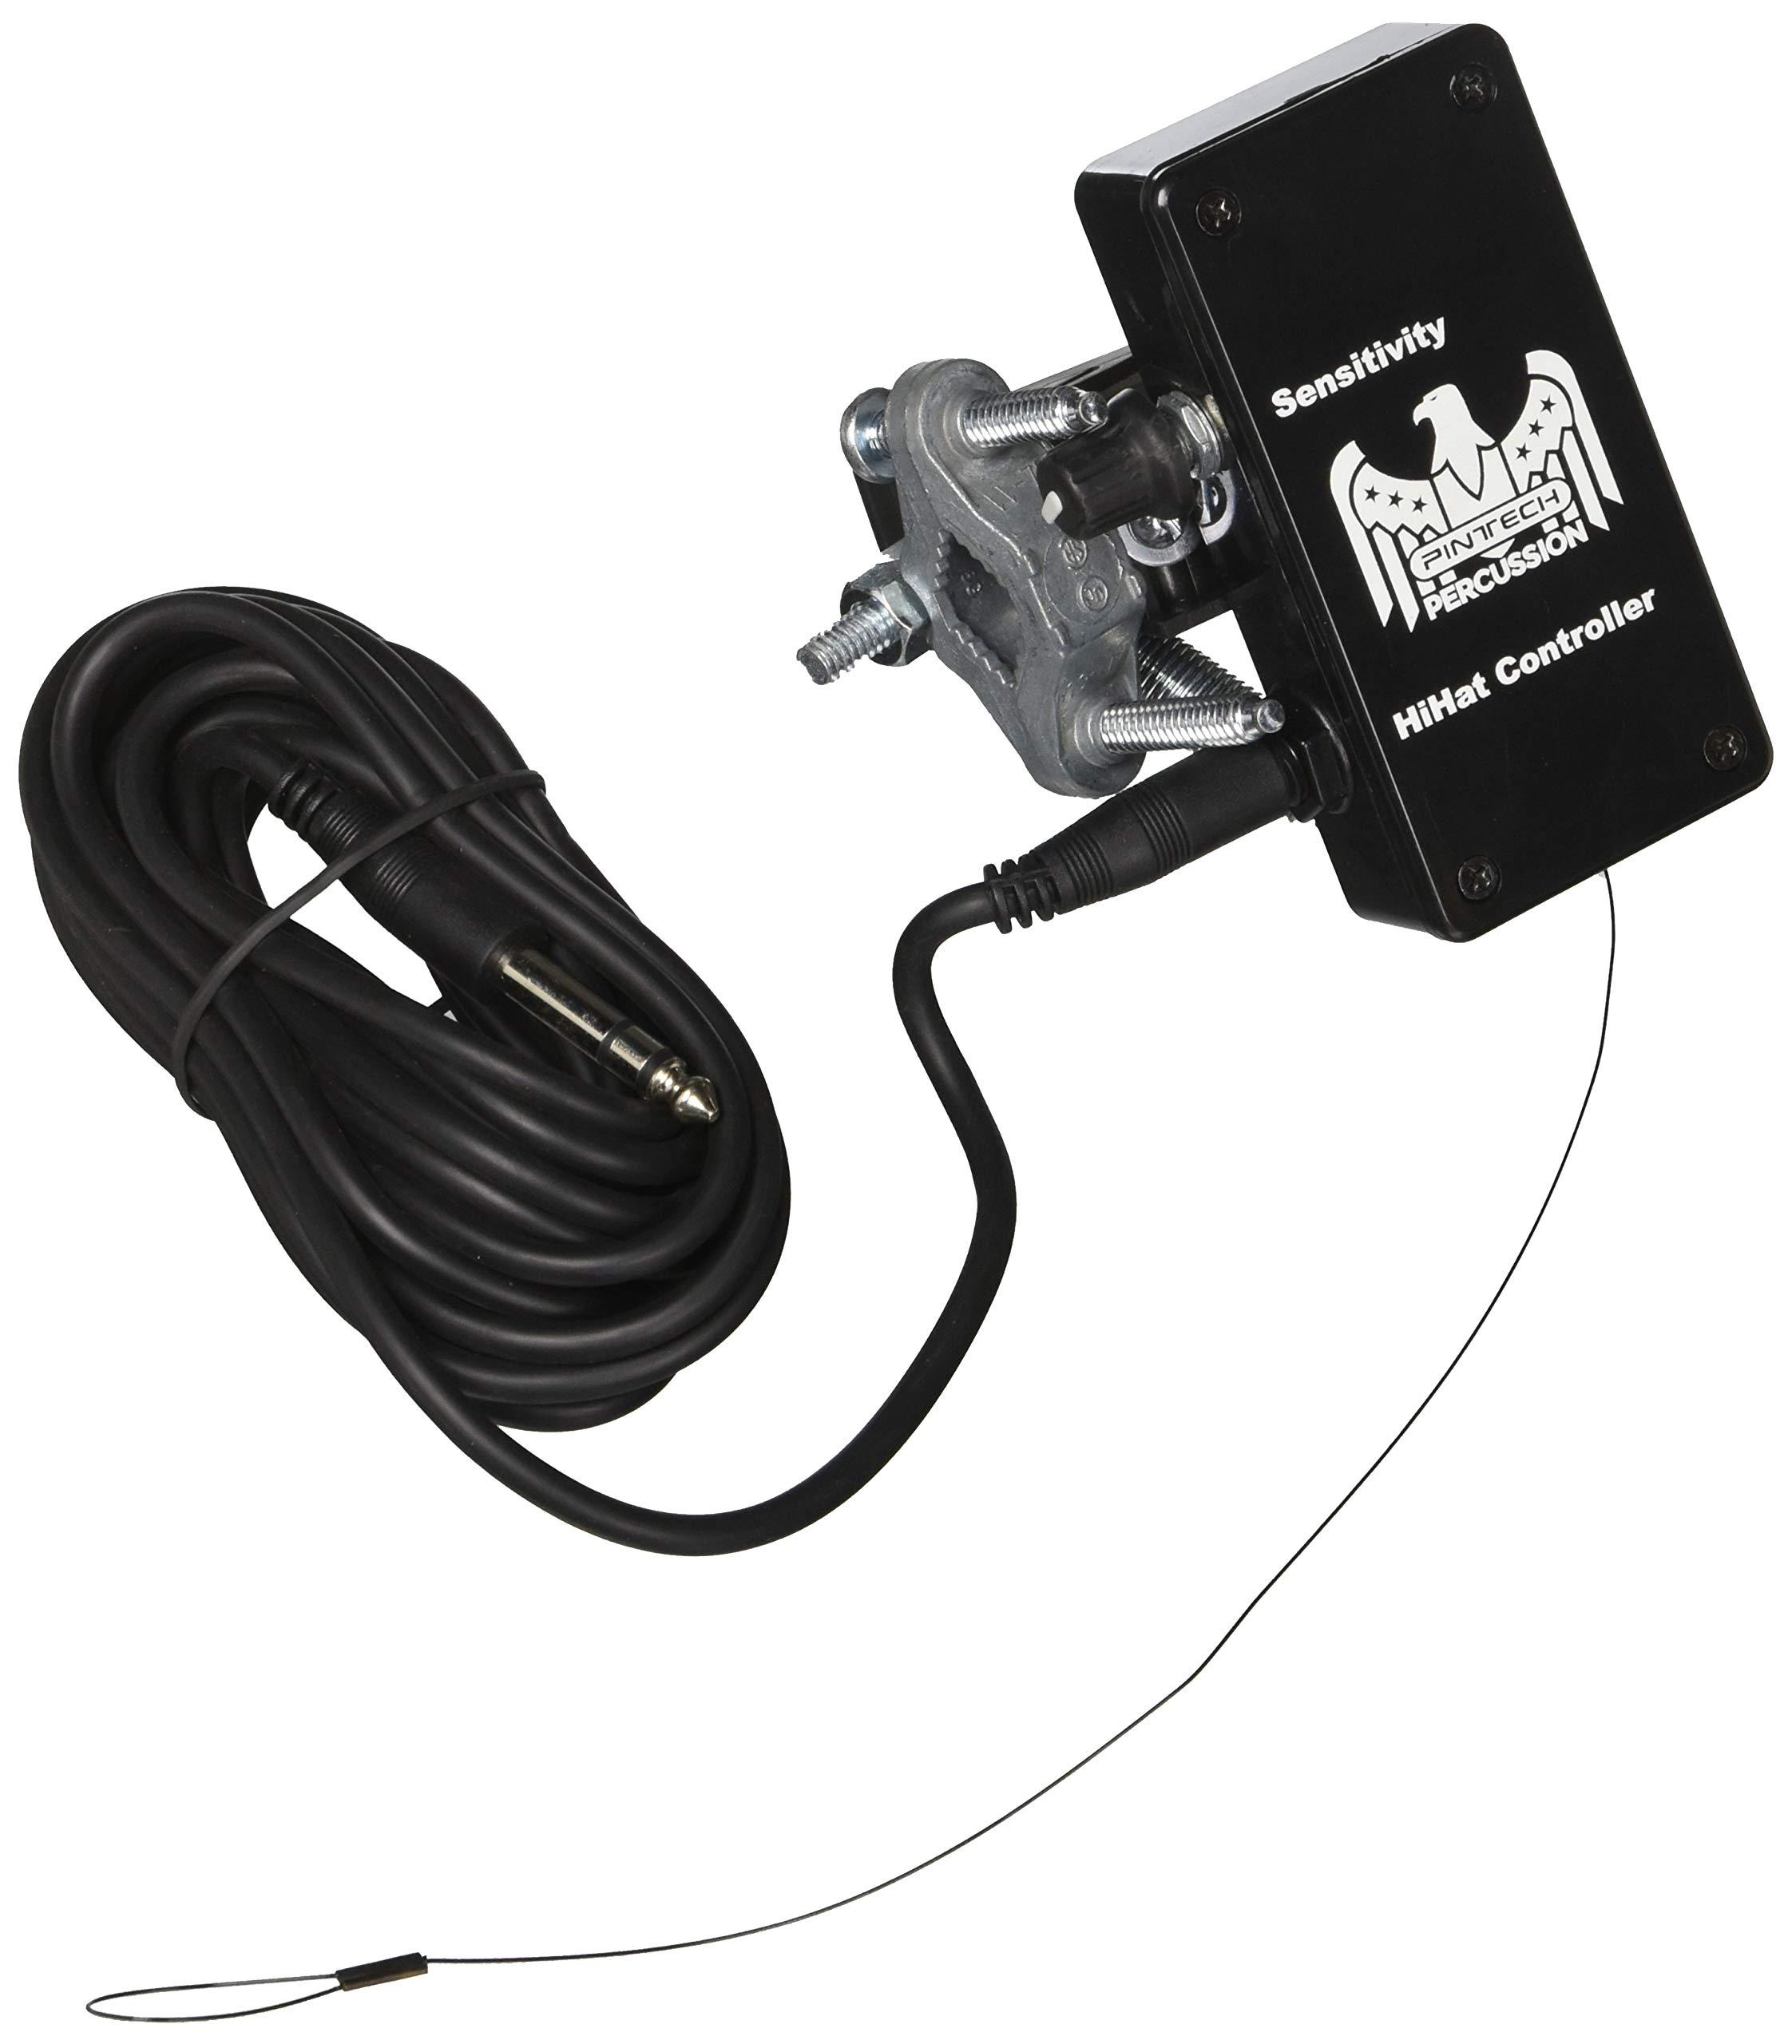 Pintech Percussion VHHC1000 High Hat Controller